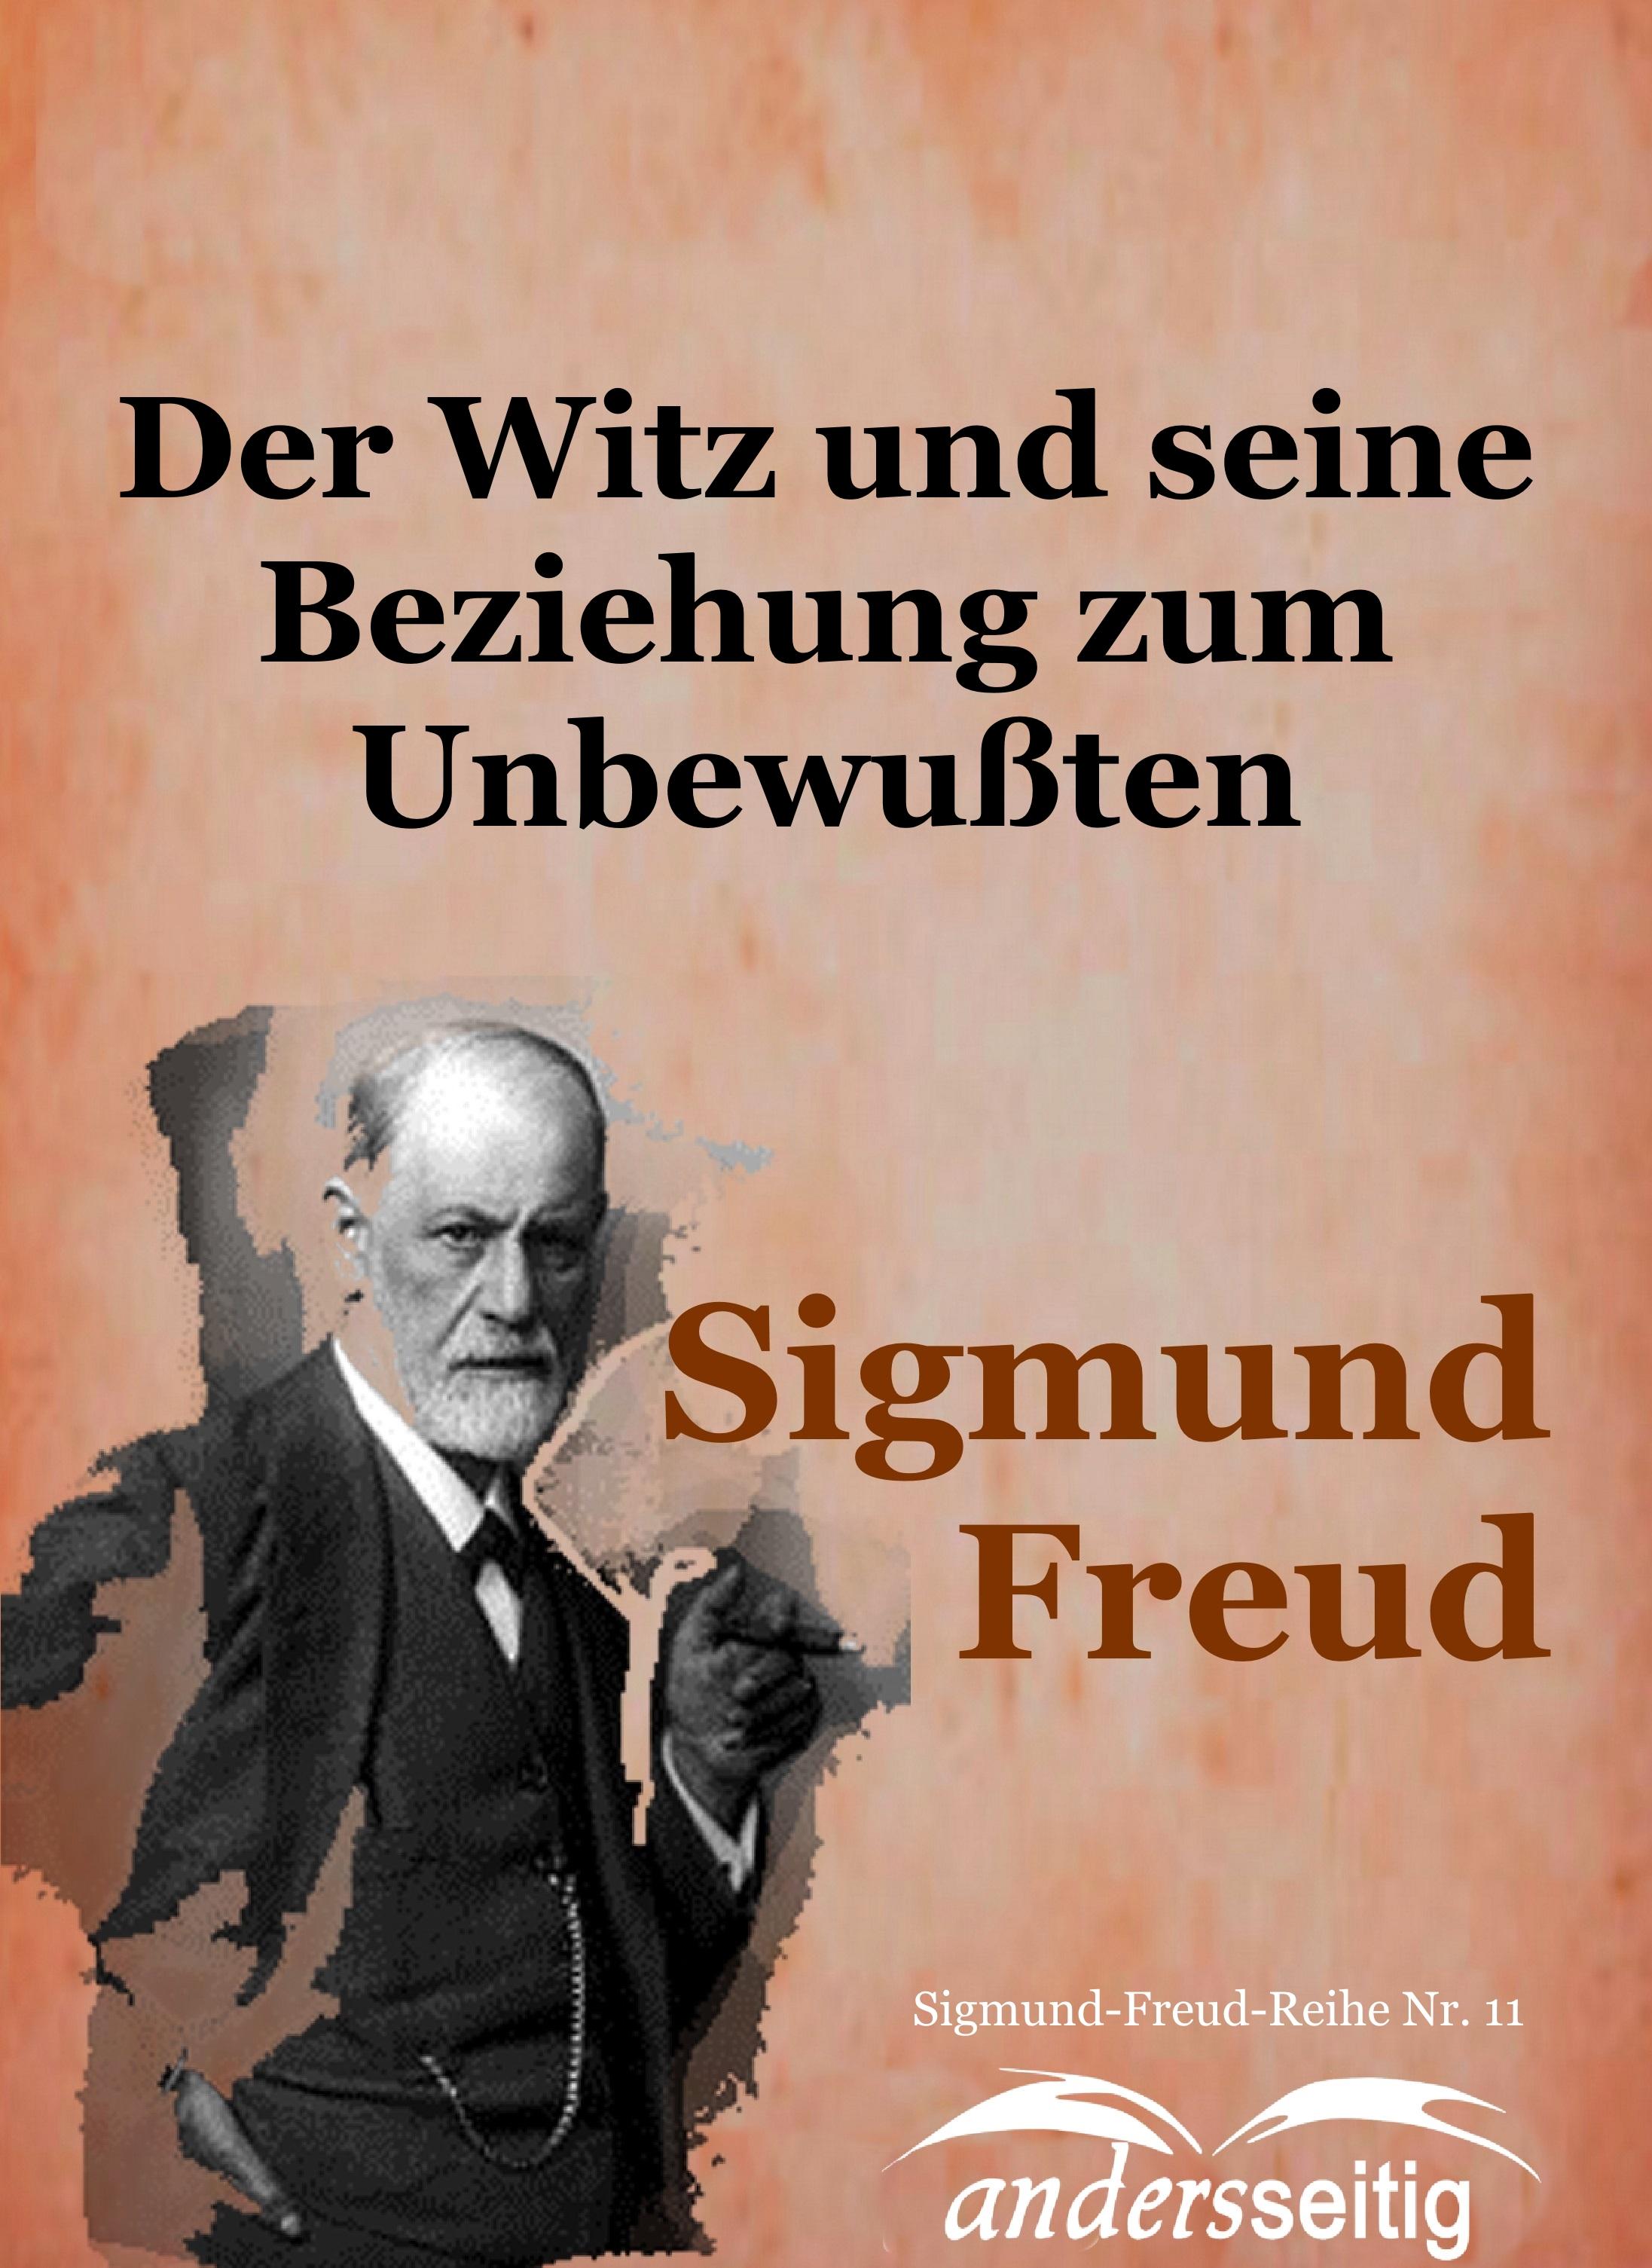 Sigmund Freud Der Witz und seine Beziehung zum Unbewußten